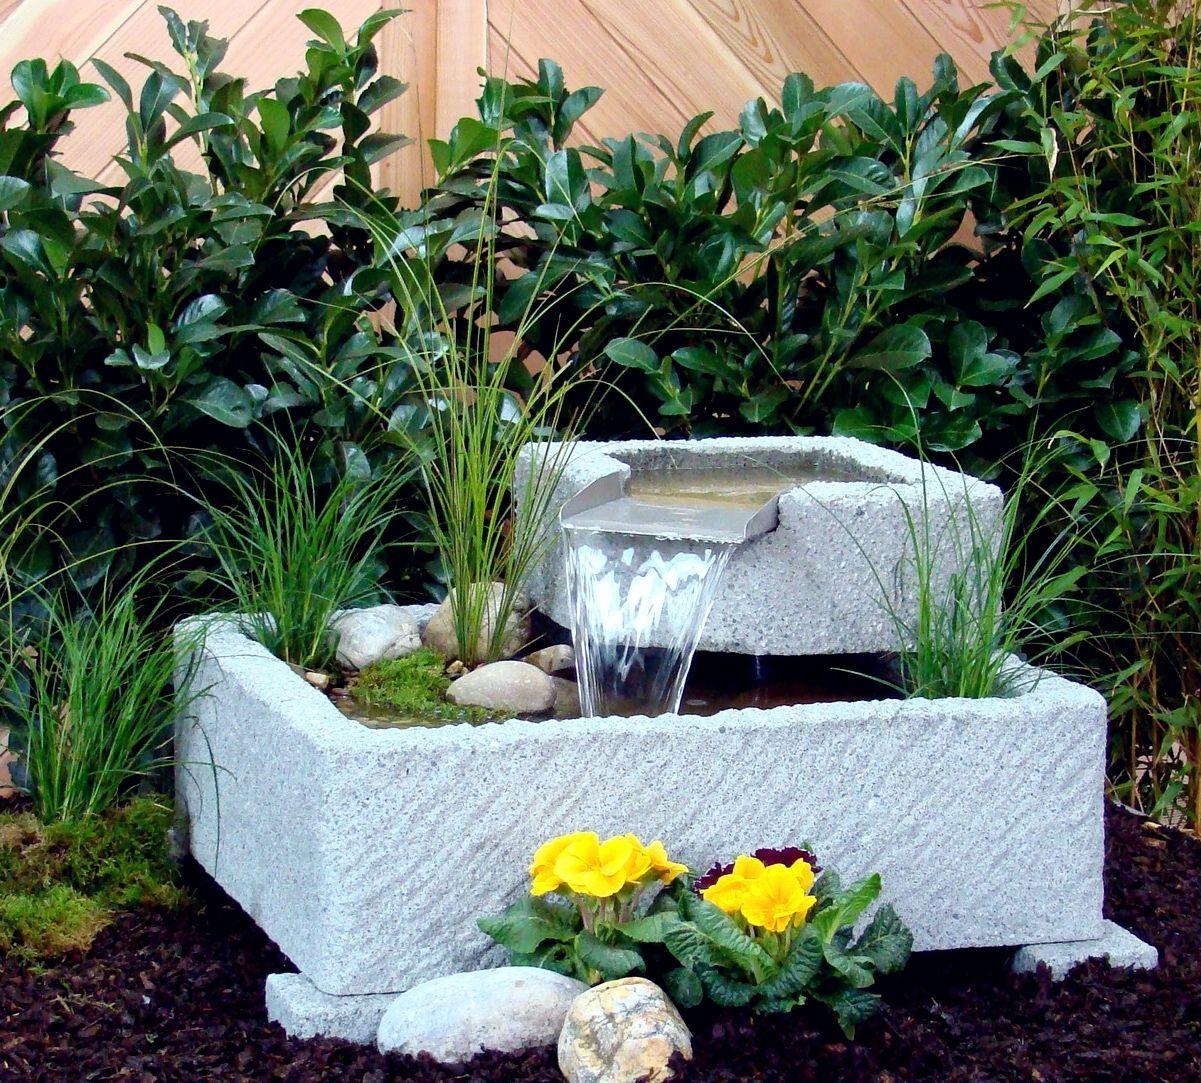 springbrunnen brunnen wasserspiel granitwerkstein stein 118kg, Gartenarbeit ideen